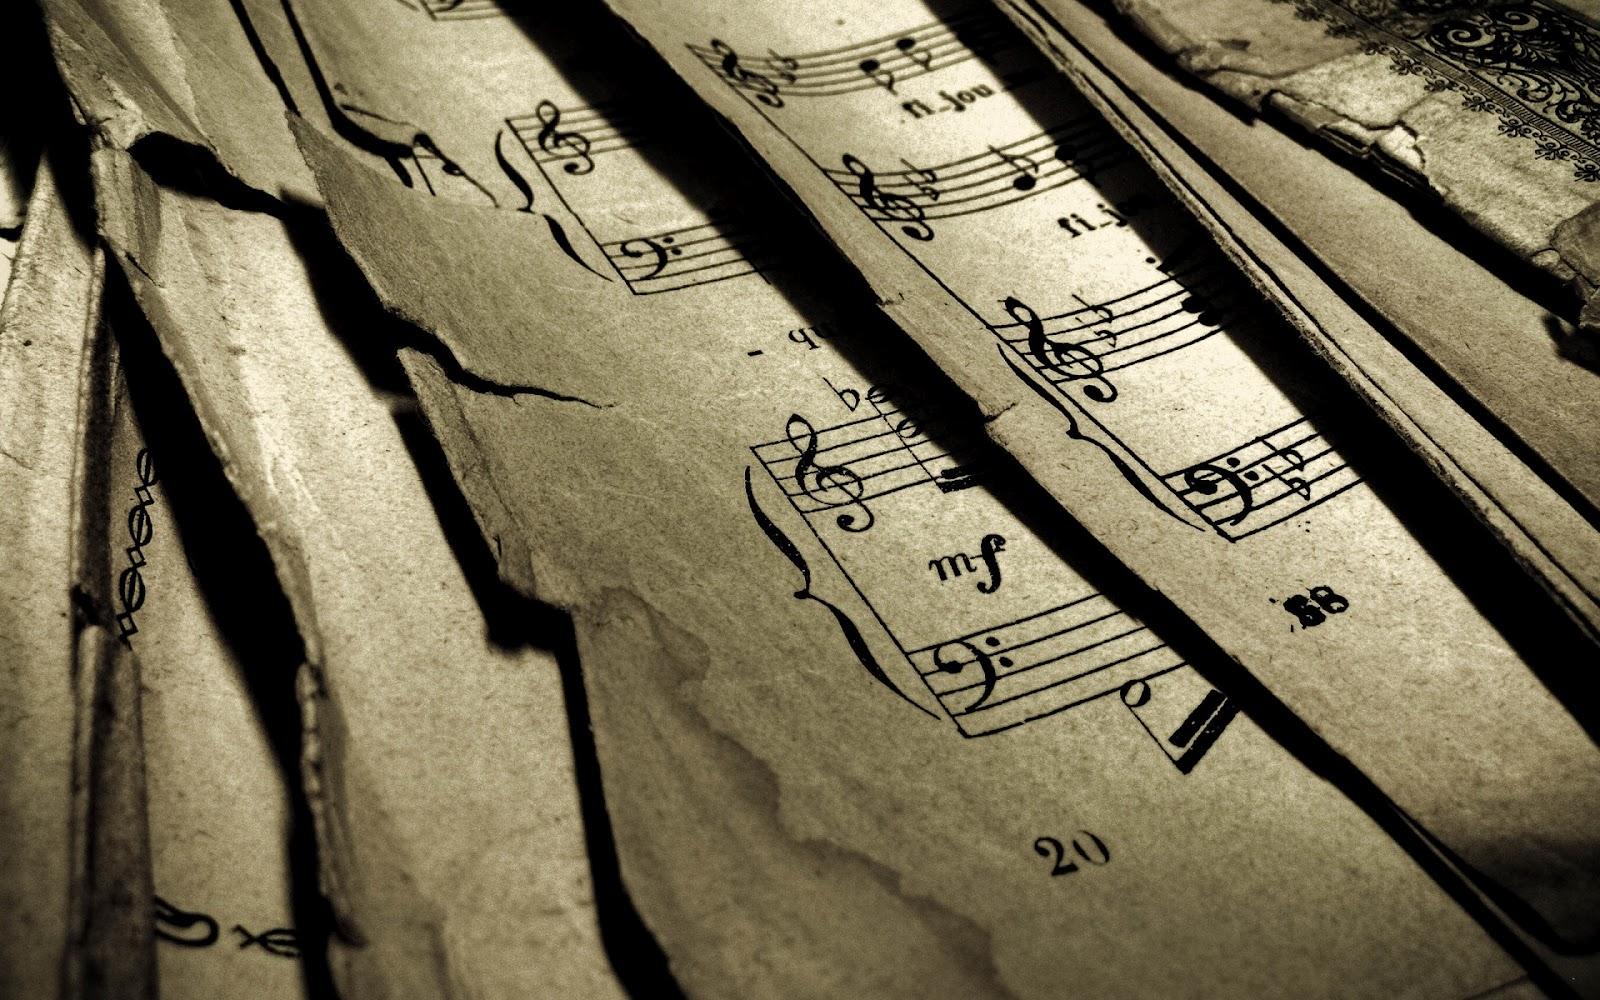 Mutlu ve hüzünlü şarkıyı sadece birkaç ölçü dinleyerek ayırabilirsiniz ancak müzikal olarak bu farkı yaratan nedir? Batı müziğinde, majör ve minör akorlar uzun süredir sevinç ve keder ile bağlantılıdır. Bu yüzden bir grup bilim adamı, diğer akorların duyguyu nasıl etkileyebileceğini incelemeye karar verdi. İlk olarak, verilerini topladılar: 1950'lerden 2010'lara dünyanın beş bölgesinden kaydedilen yaklaşık 90.000 popüler İngilizce gitar şarkısı. Ardından akorların şarkının sözleri ile nasıl örtüştüğüne baktılar.